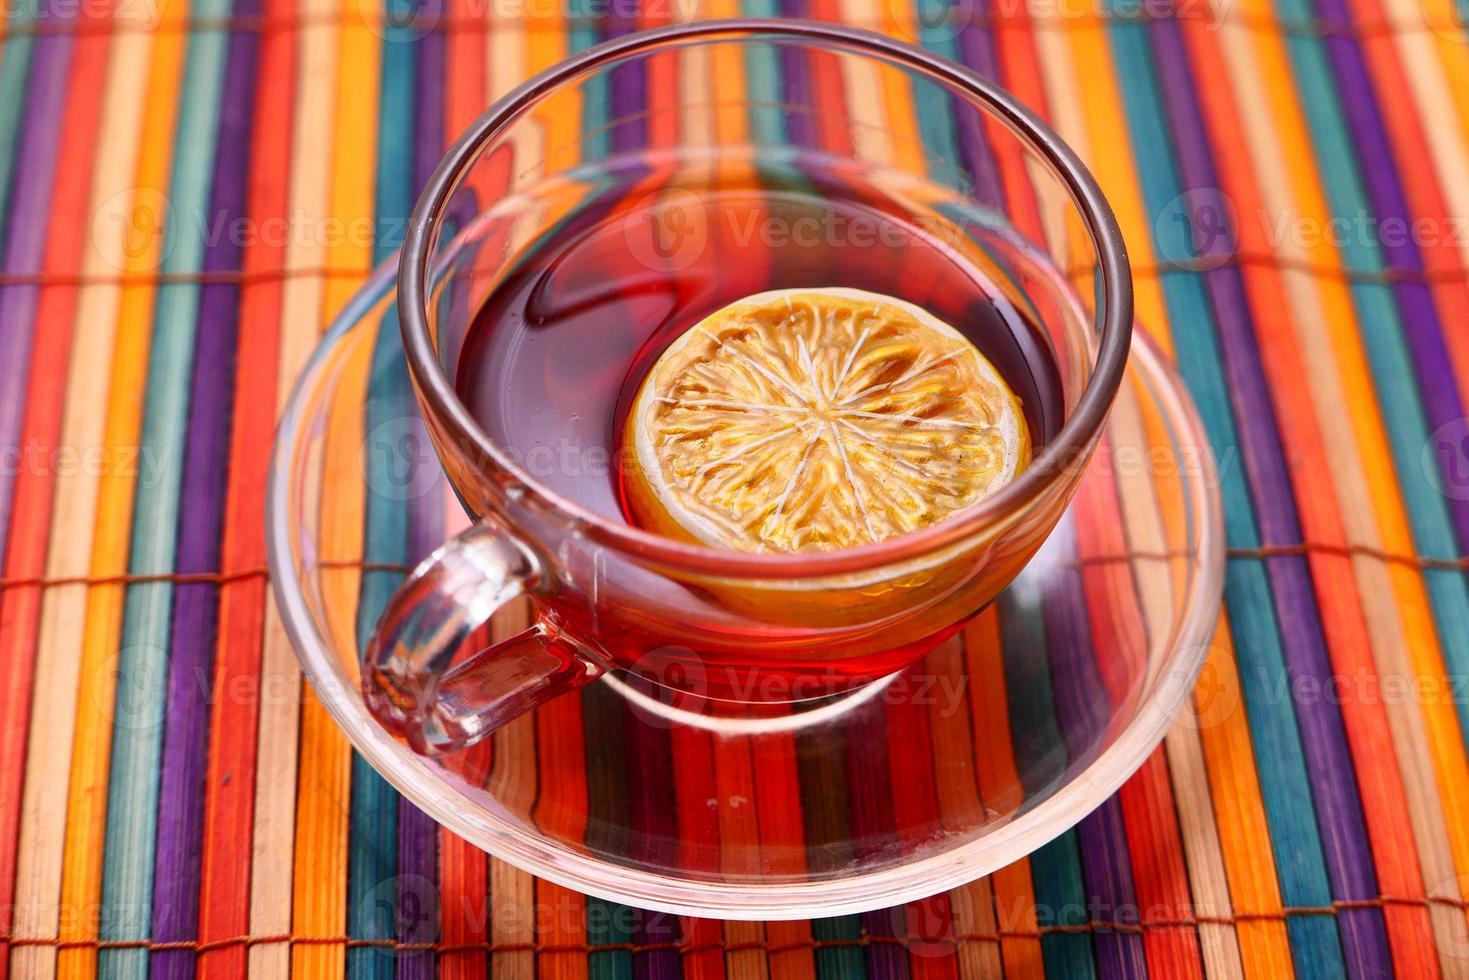 citronte på färgglad bordsdukbakgrund foto